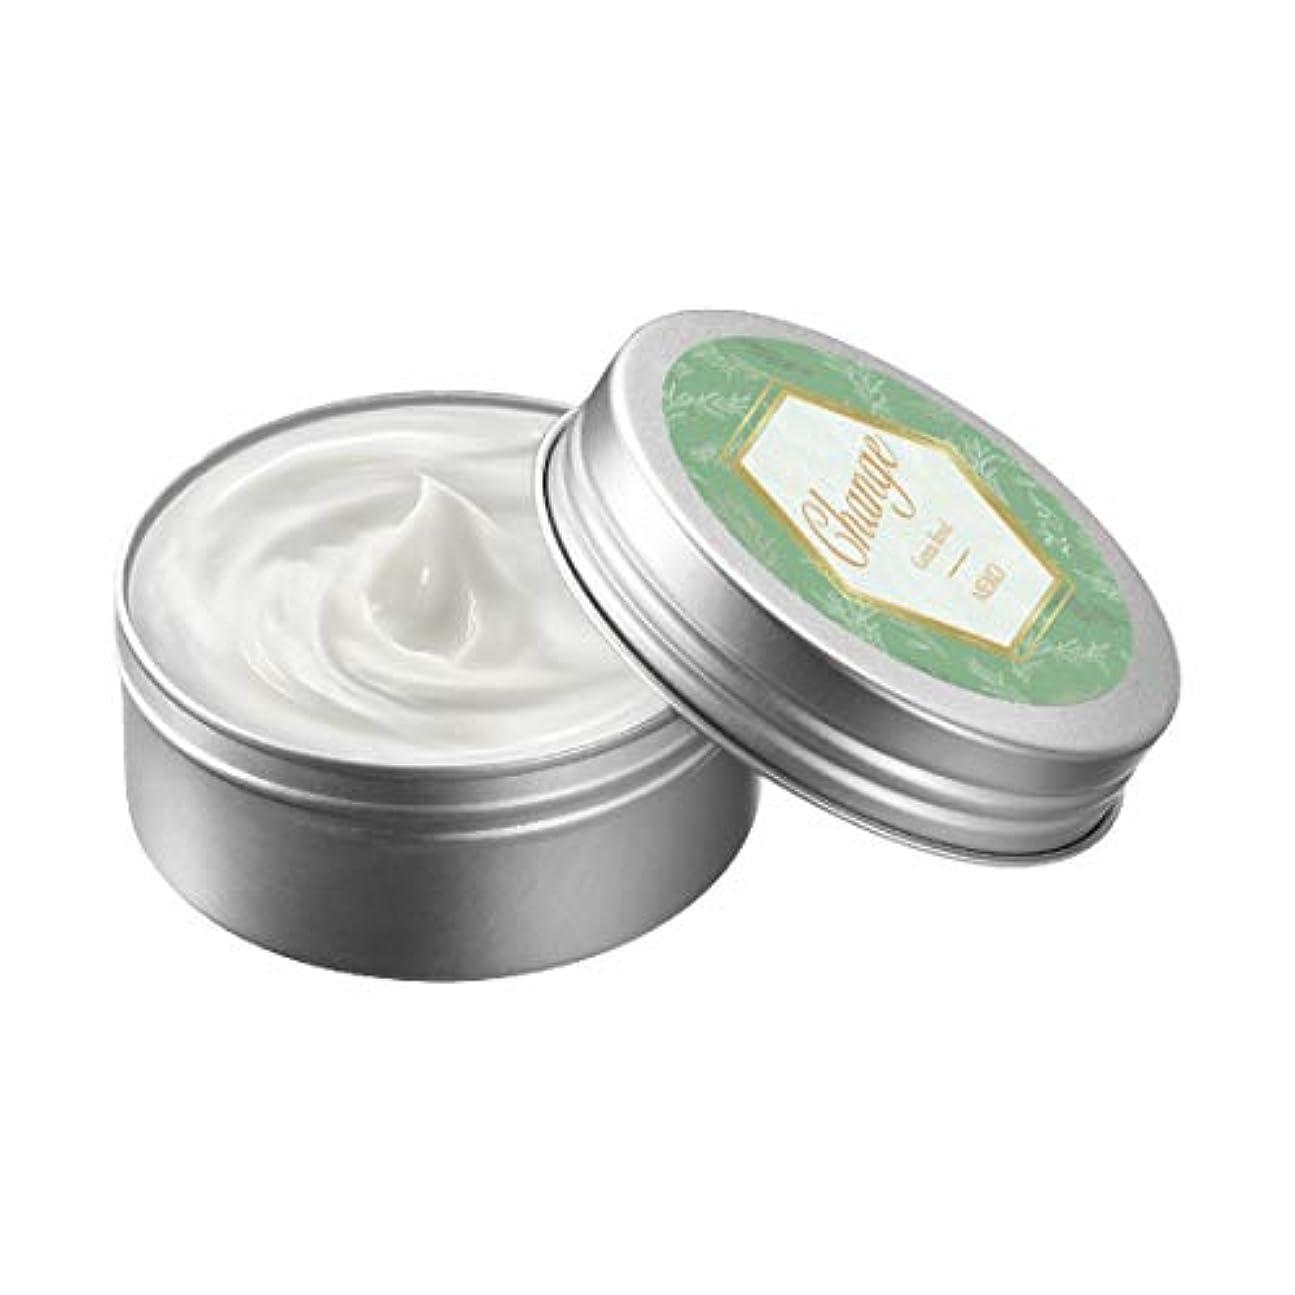 心理的にプロペラ十分ボディクリーム グリーンフローラルの香り 60g ( 全身 クリーム 顔 保湿 スキンケア ハンドケア 全身クリーム )【 メイコー メイコー化粧品 】